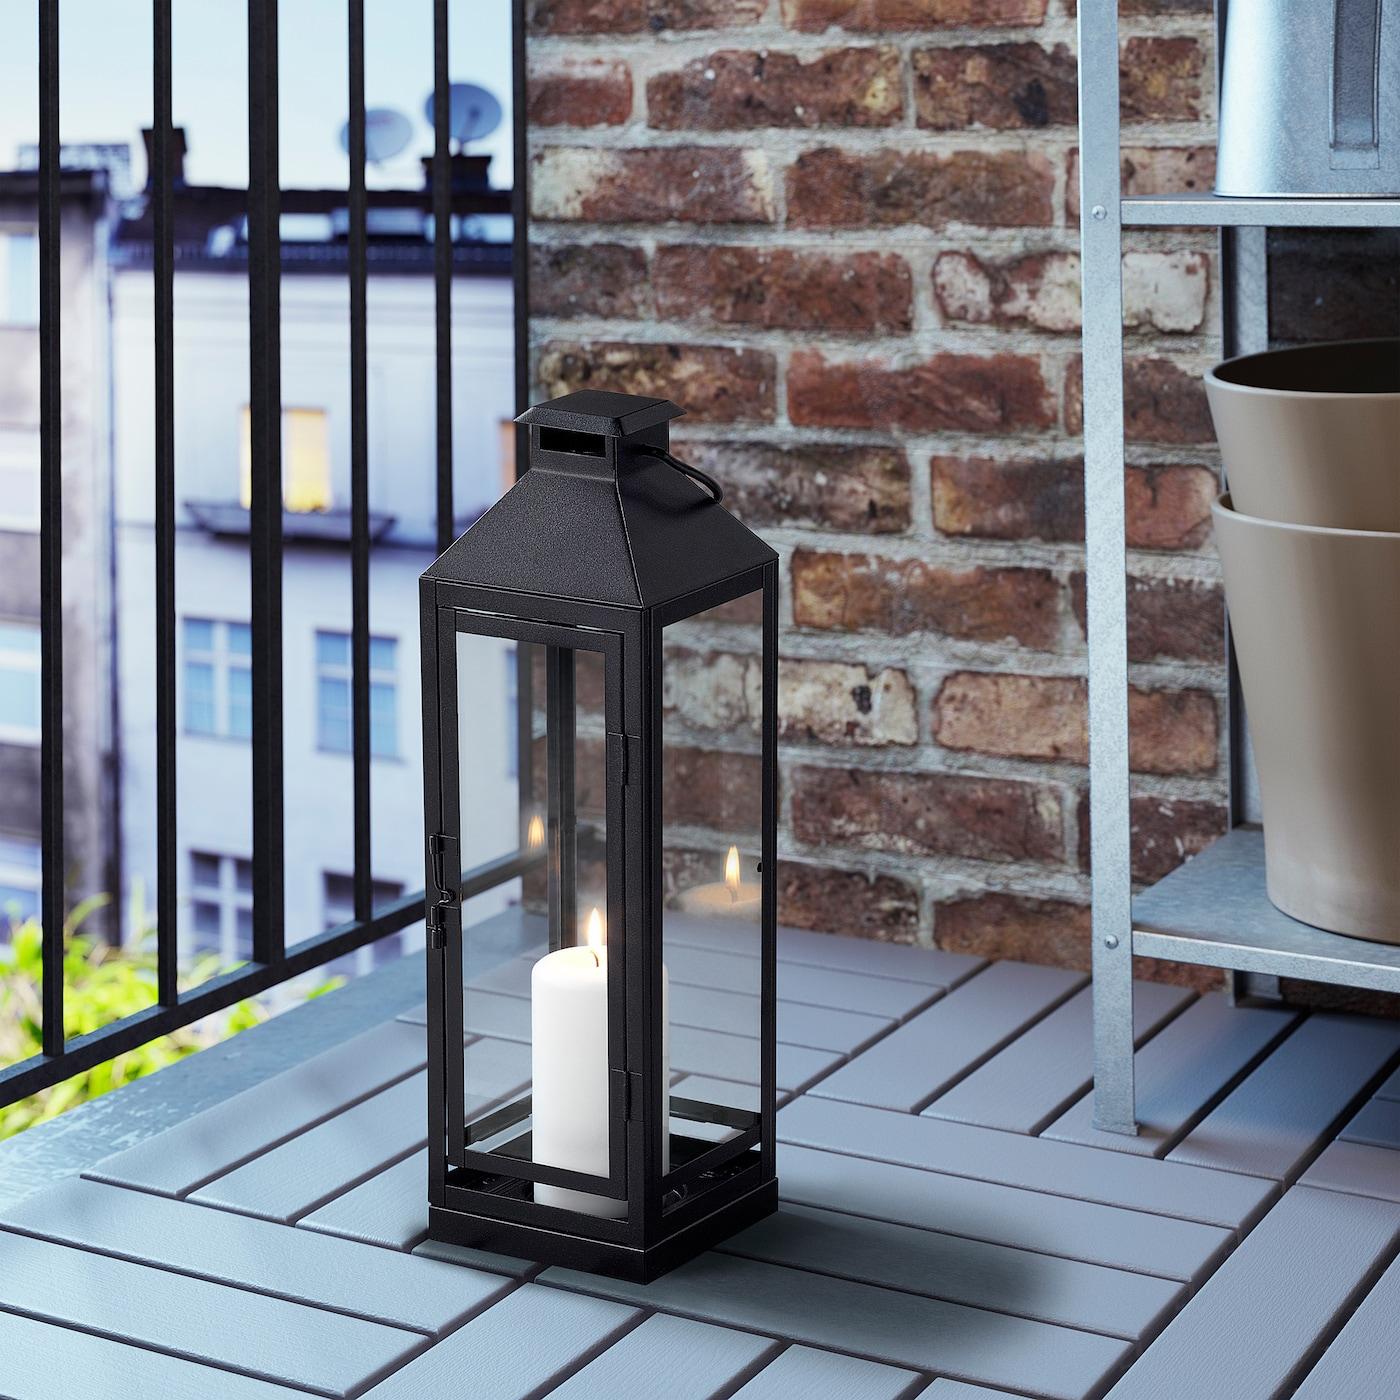 ; Gartenlaterne 43cm IKEA LAGRAD Laterne in schwarz; für innen und außen;